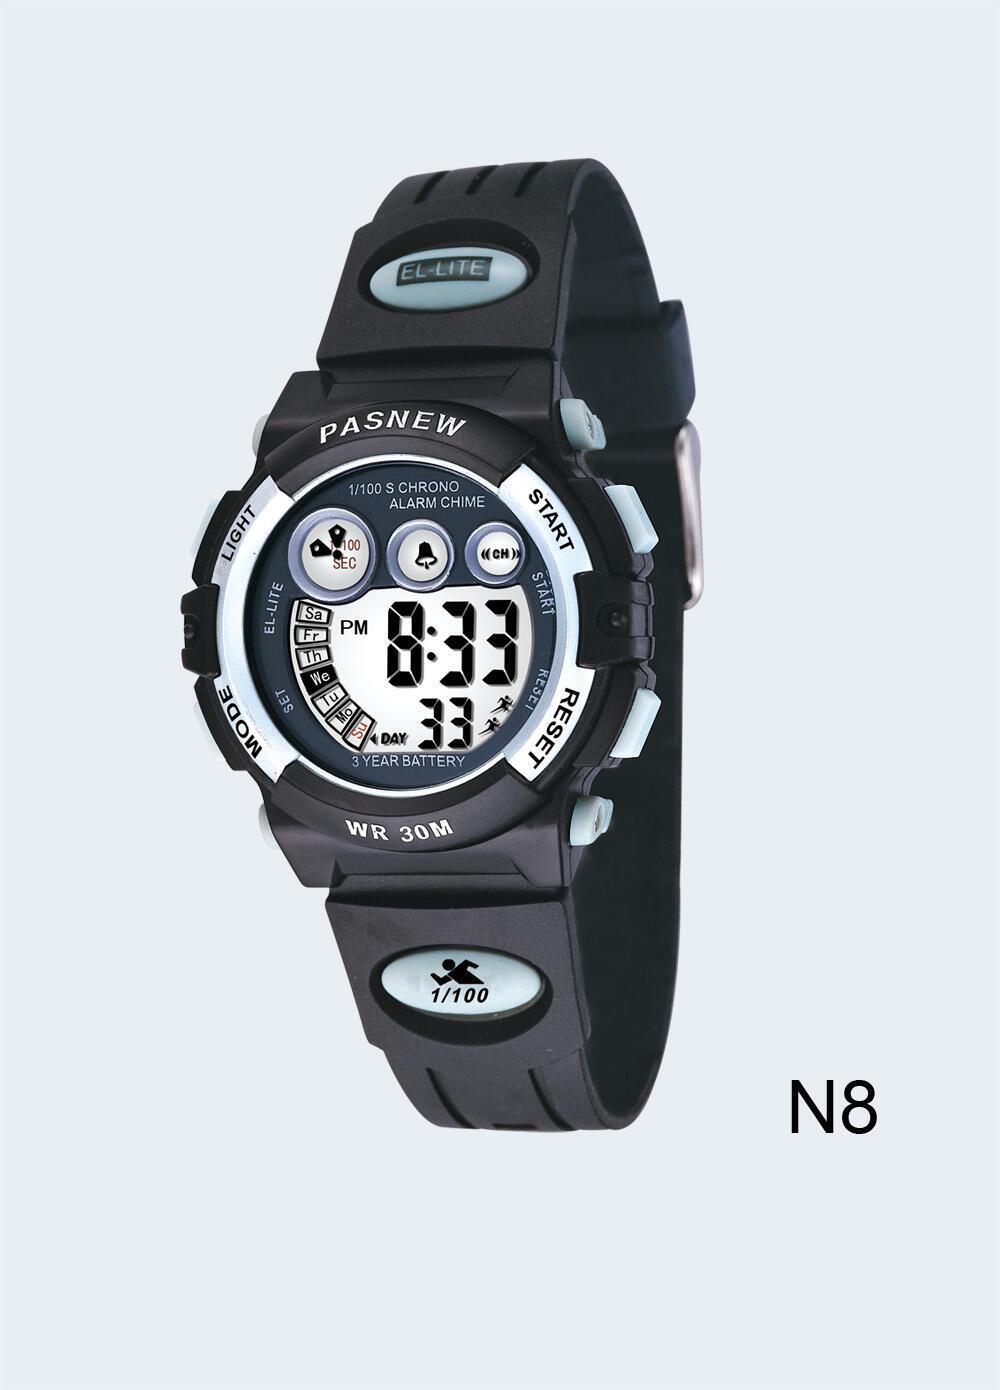 Đồng hồ thể thao điện tử PASNEW PSE-239B